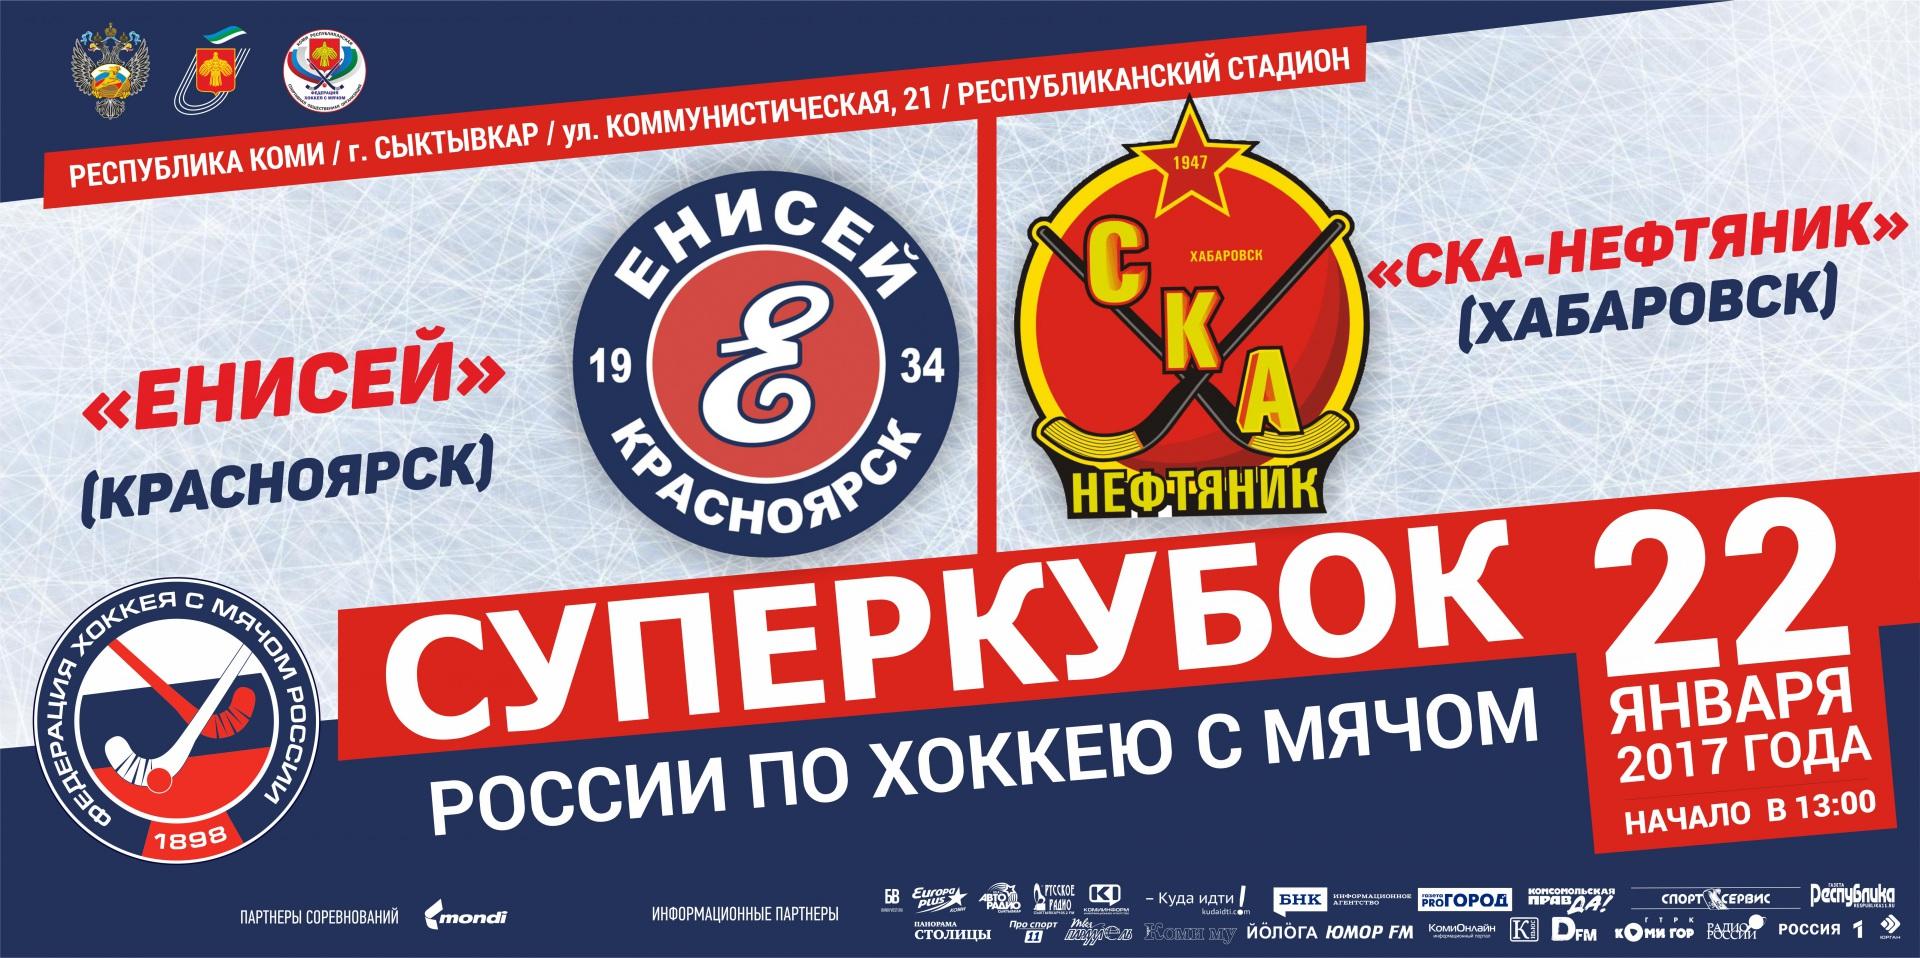 В Сыктывкар приедет специальная комиссия Федерации хоккея с мячом России